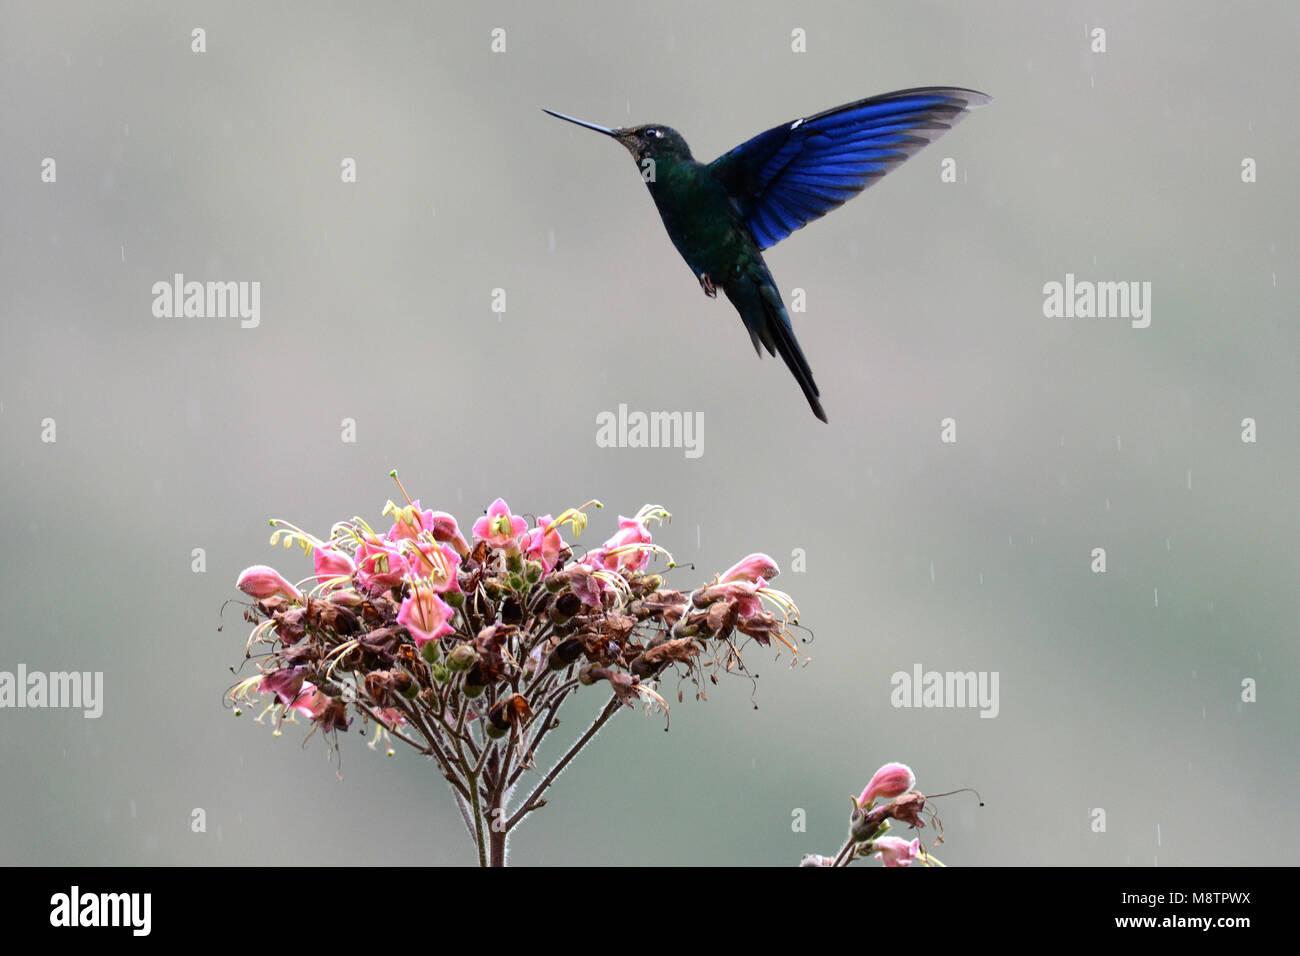 Bird image by Laurens Steijn - Stock Image